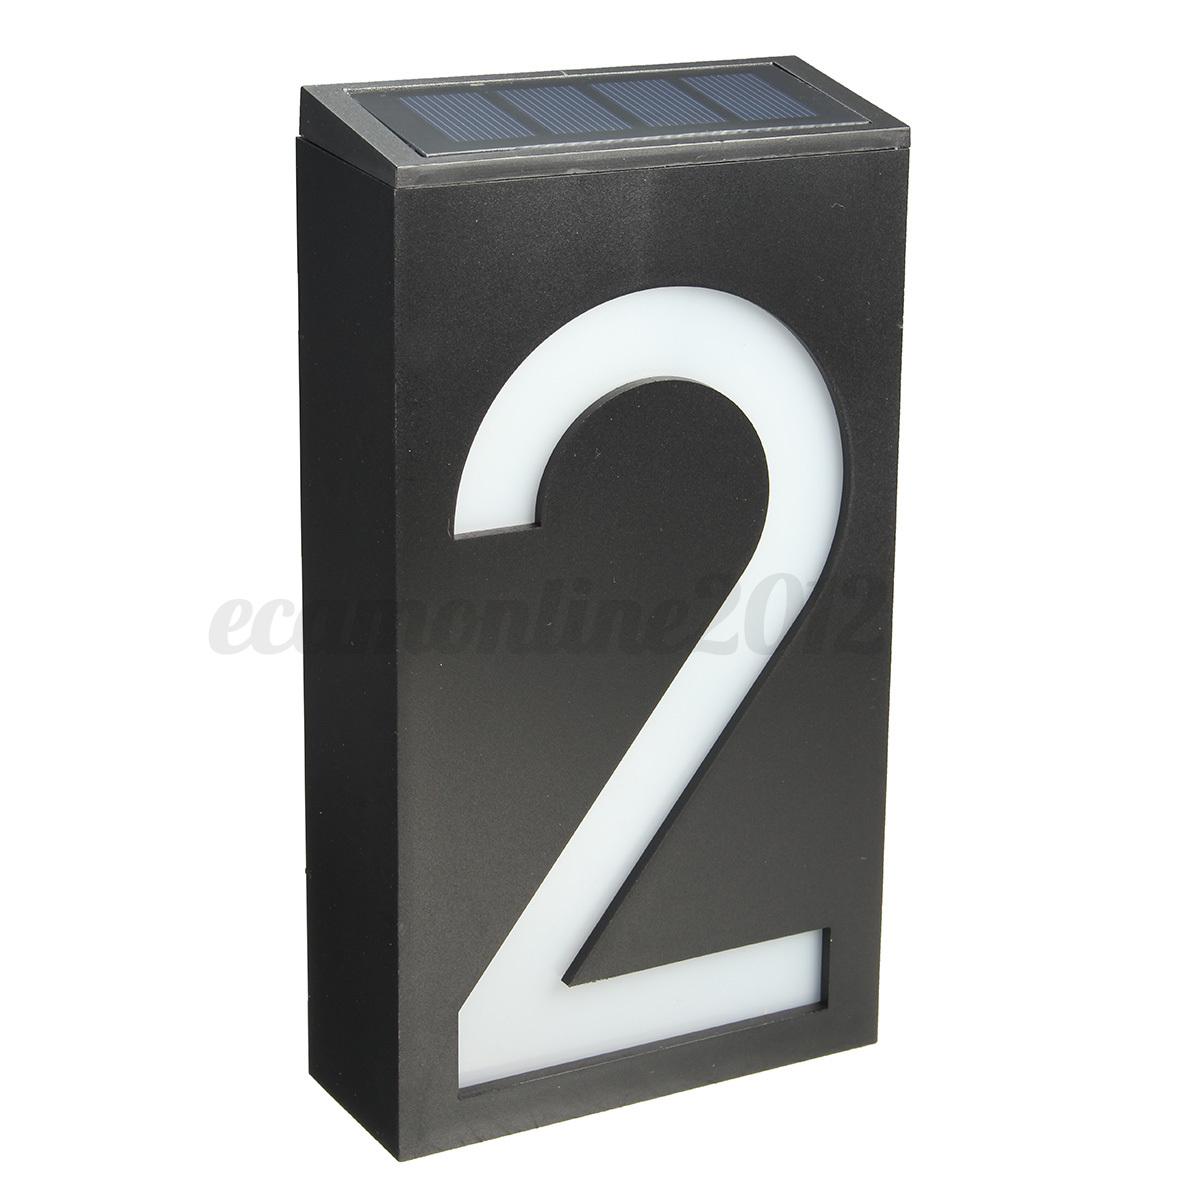 solar power 6 led number light sign house hotel door. Black Bedroom Furniture Sets. Home Design Ideas